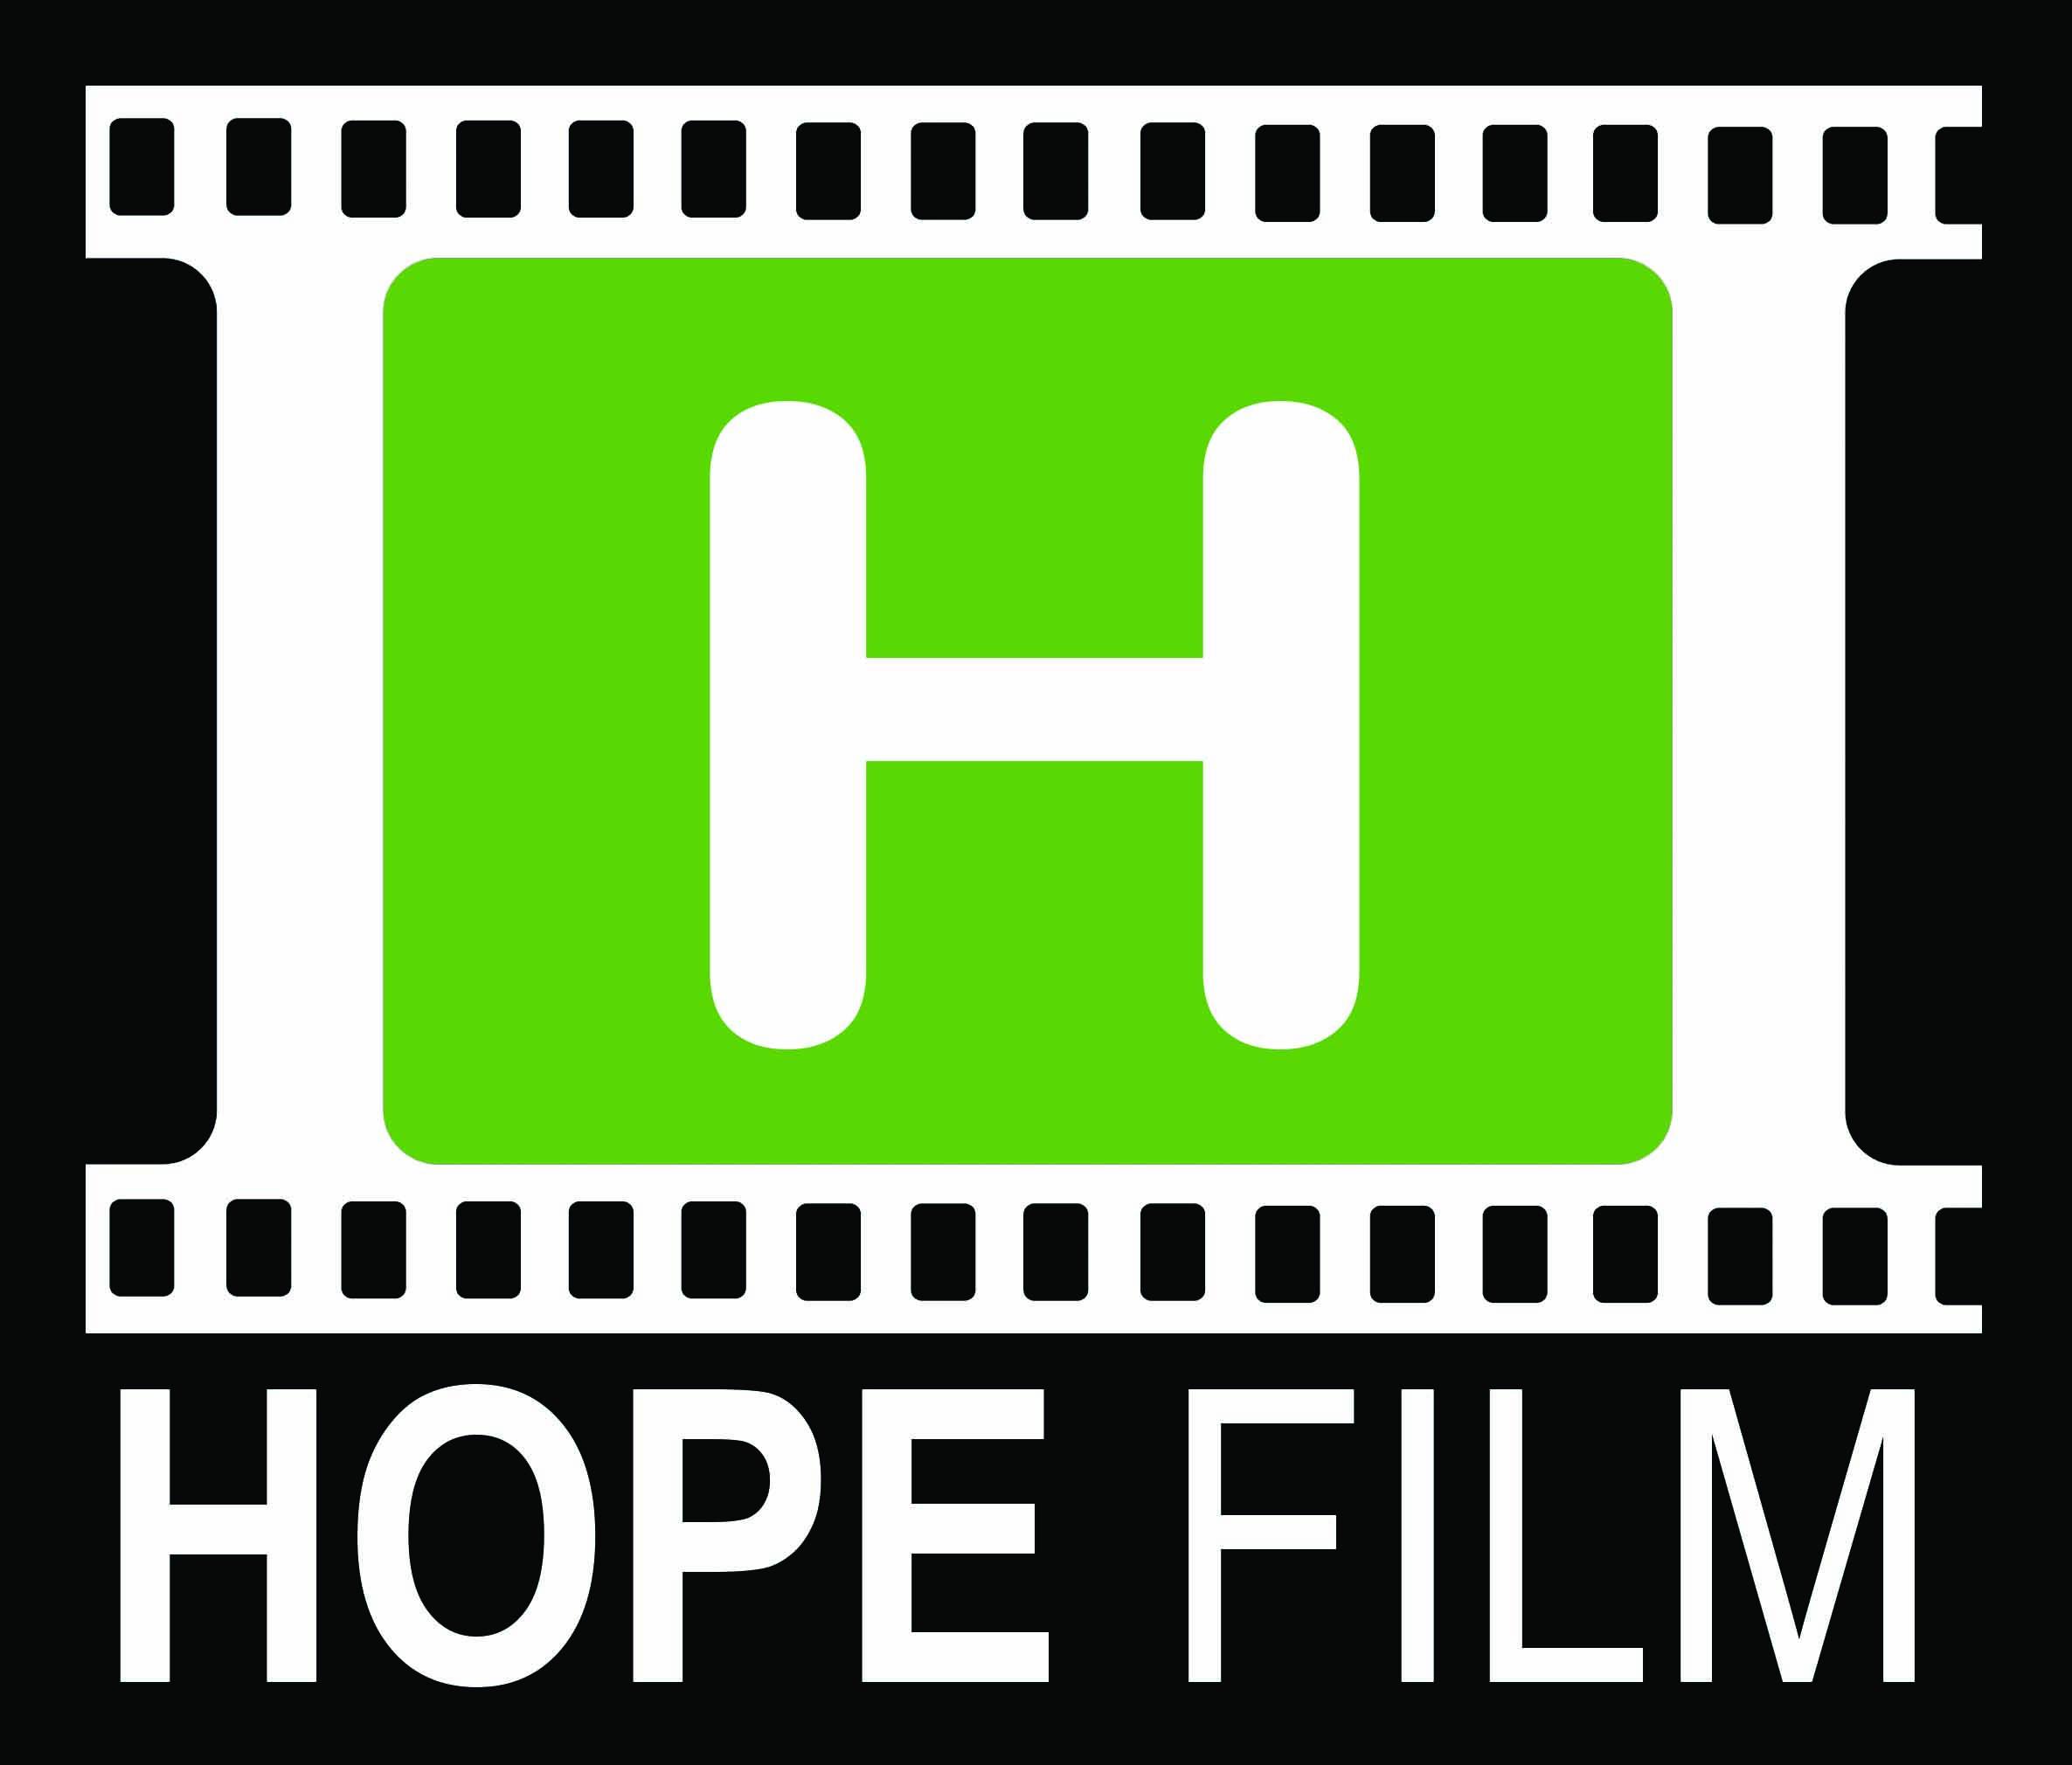 Hope Film - Video Maker Studio